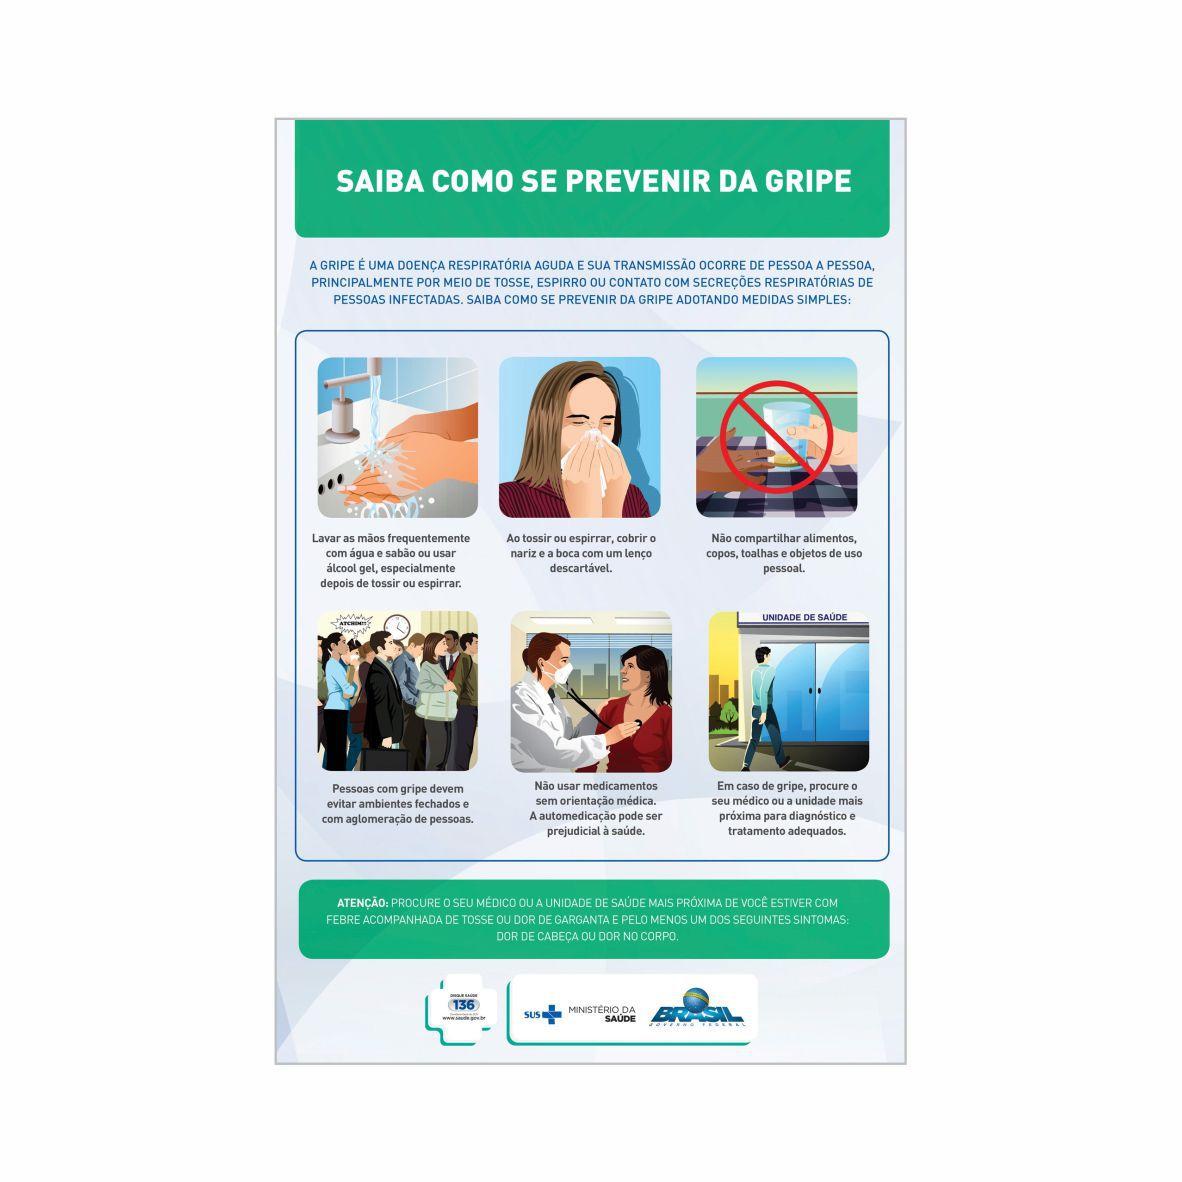 Saiba como se prevenir da gripe  - Towbar Sinalização de Segurança